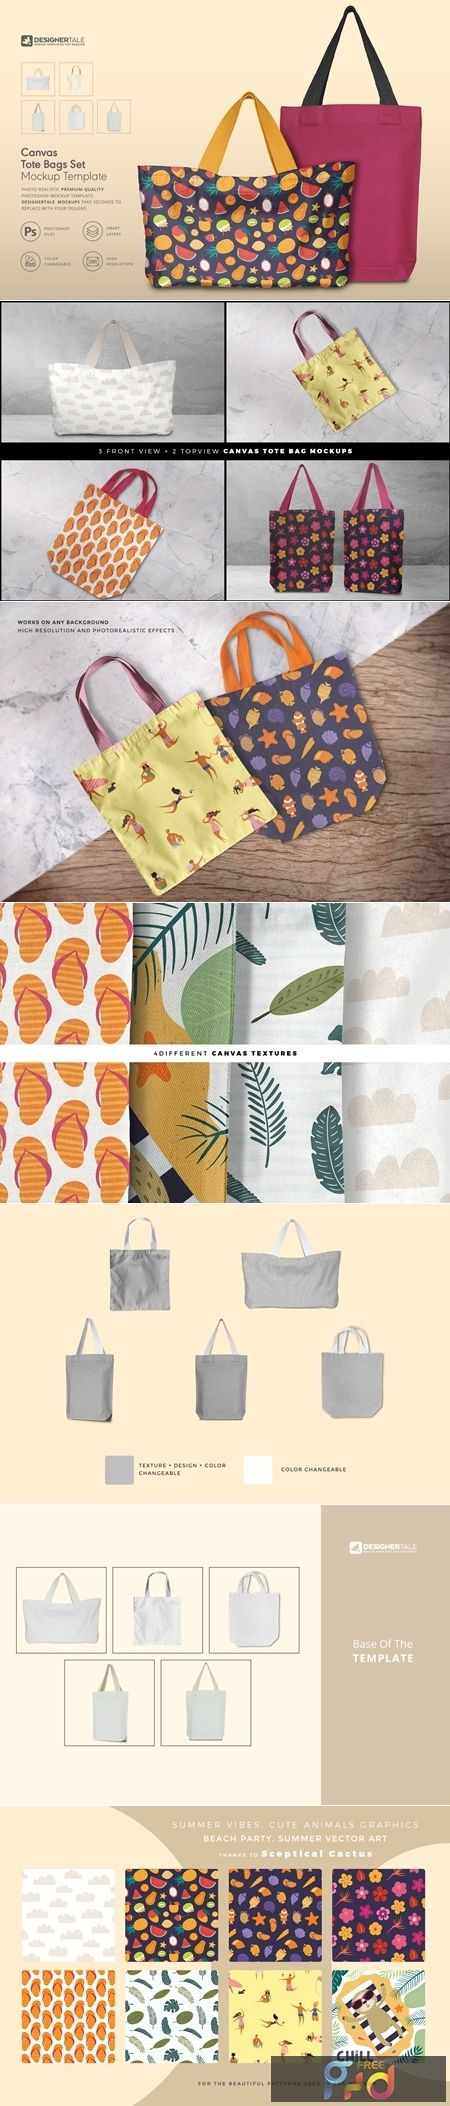 Download Tote Bag Mockup Set 4125819 Freepsdvn Bag Mockup Free Photoshop Actions Tote Bag